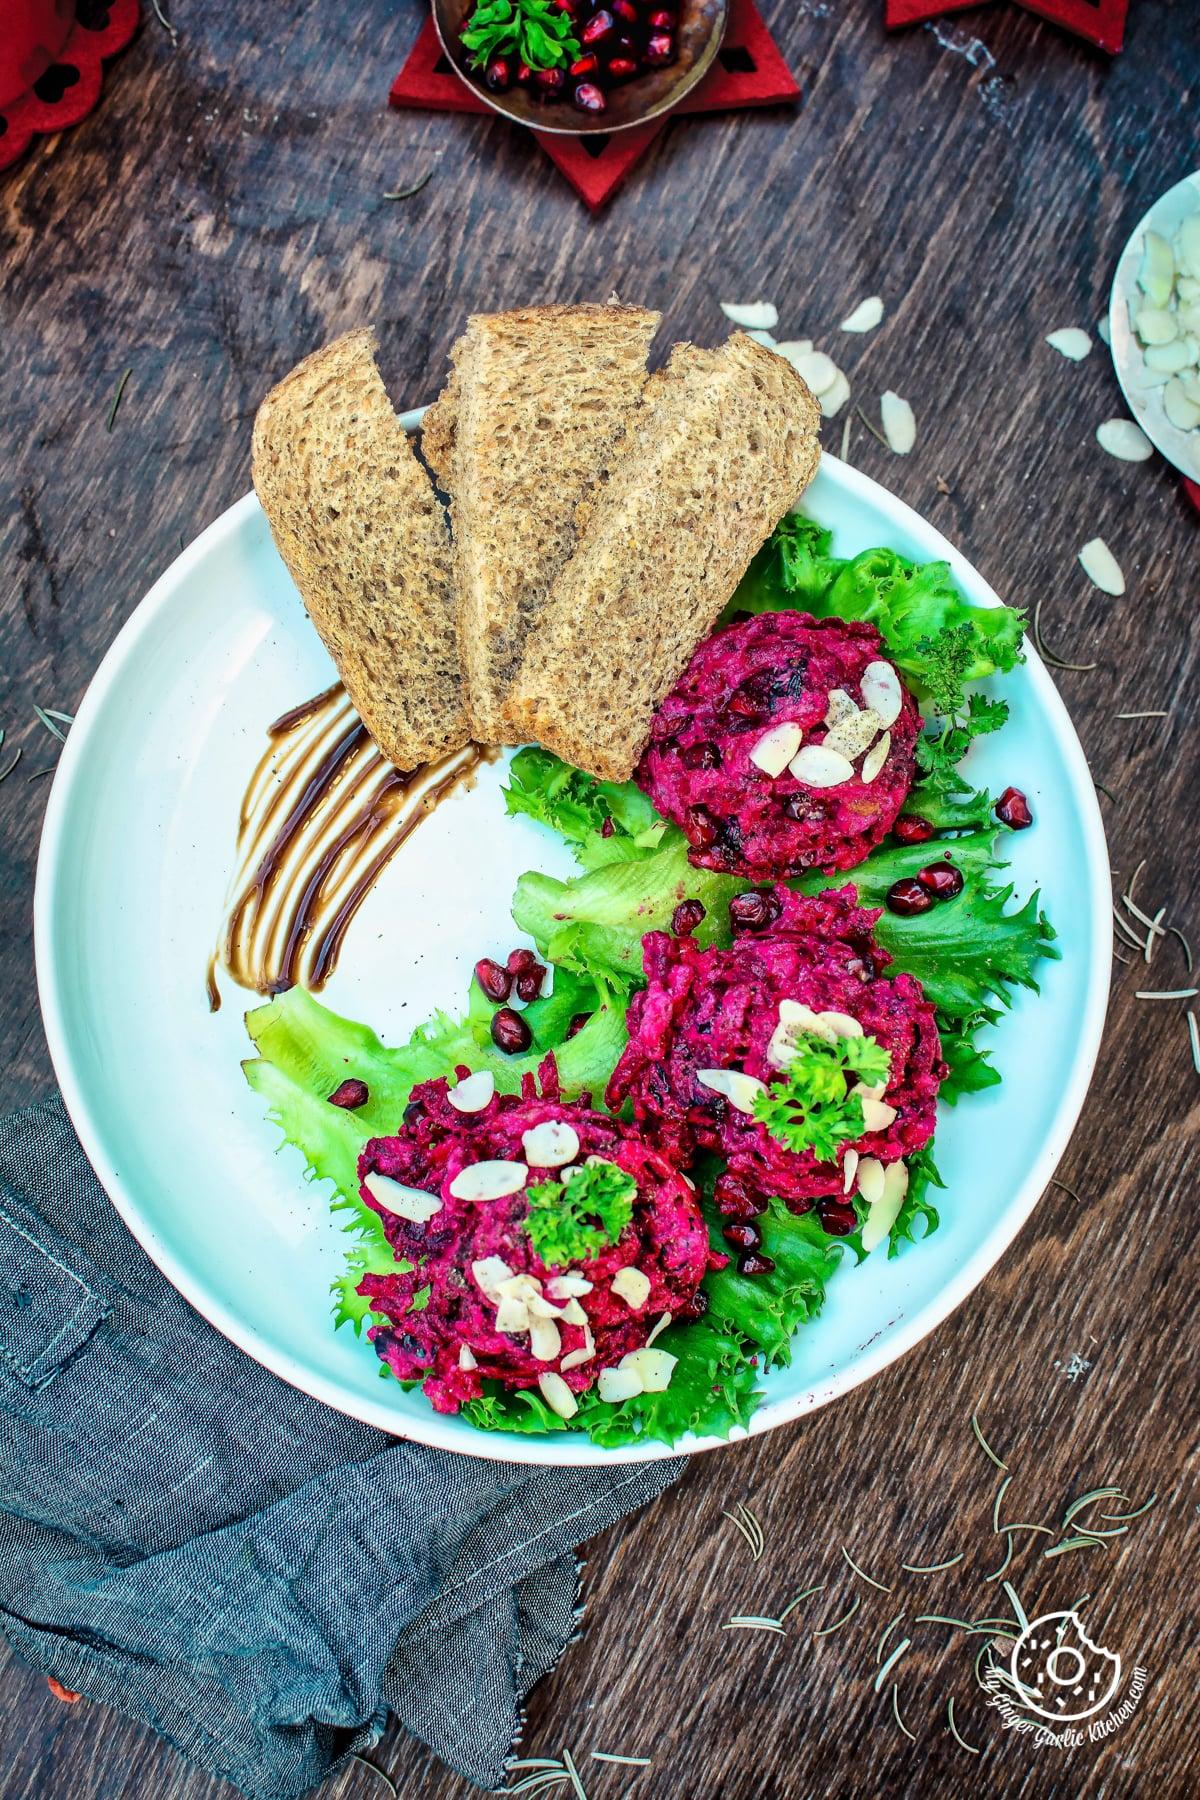 recipes-Roasted- Beet-Potato-Holiday-Salad-anupama-paliwal-my-ginger-garlic-kitchen-6